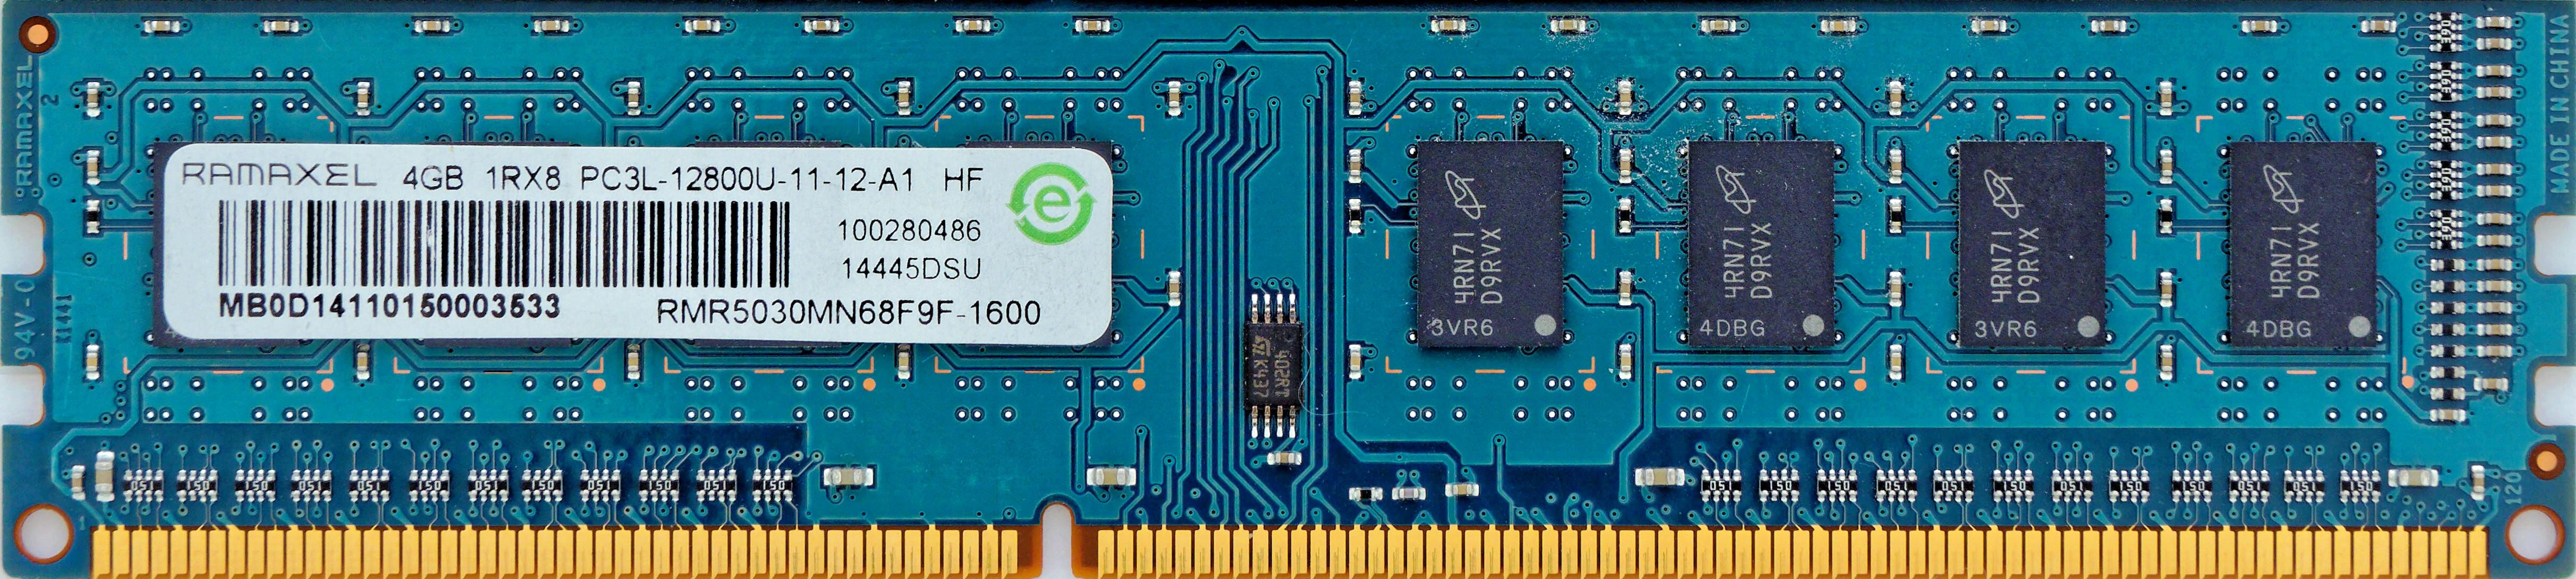 4-GB-DIMM-2.jpeg